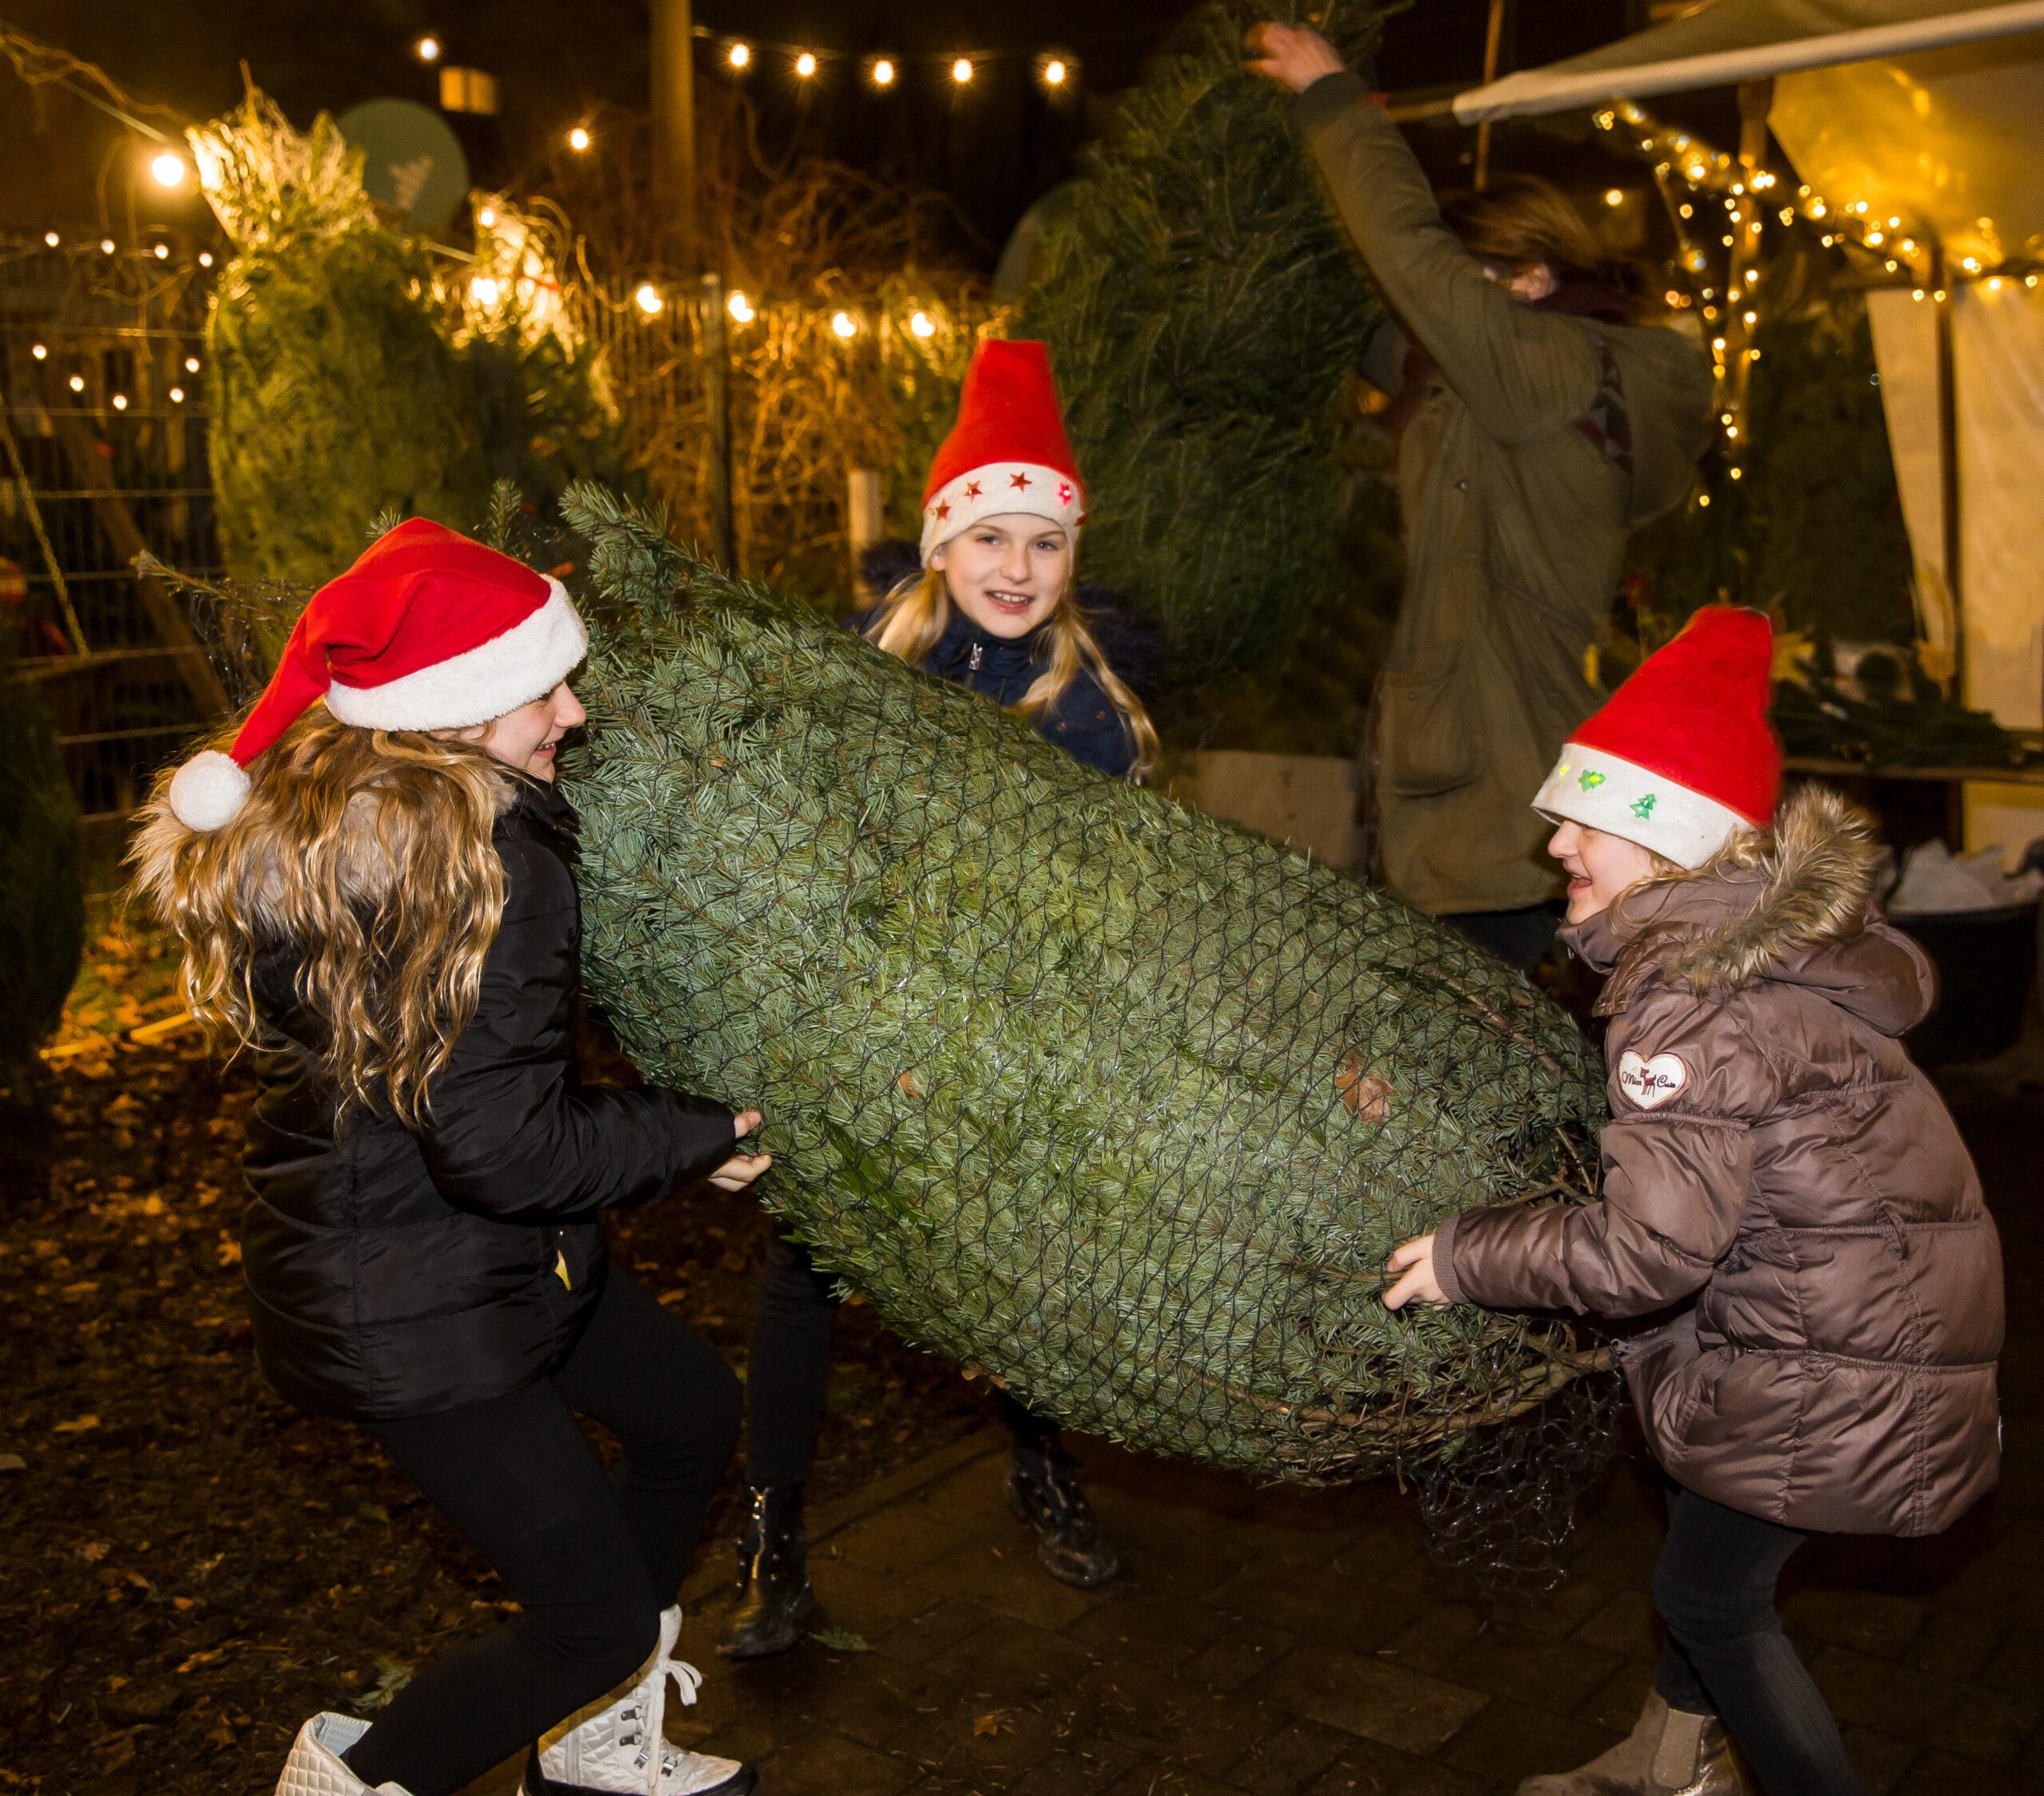 Drei Kinder heben einen großen Weihnachtsbaum an